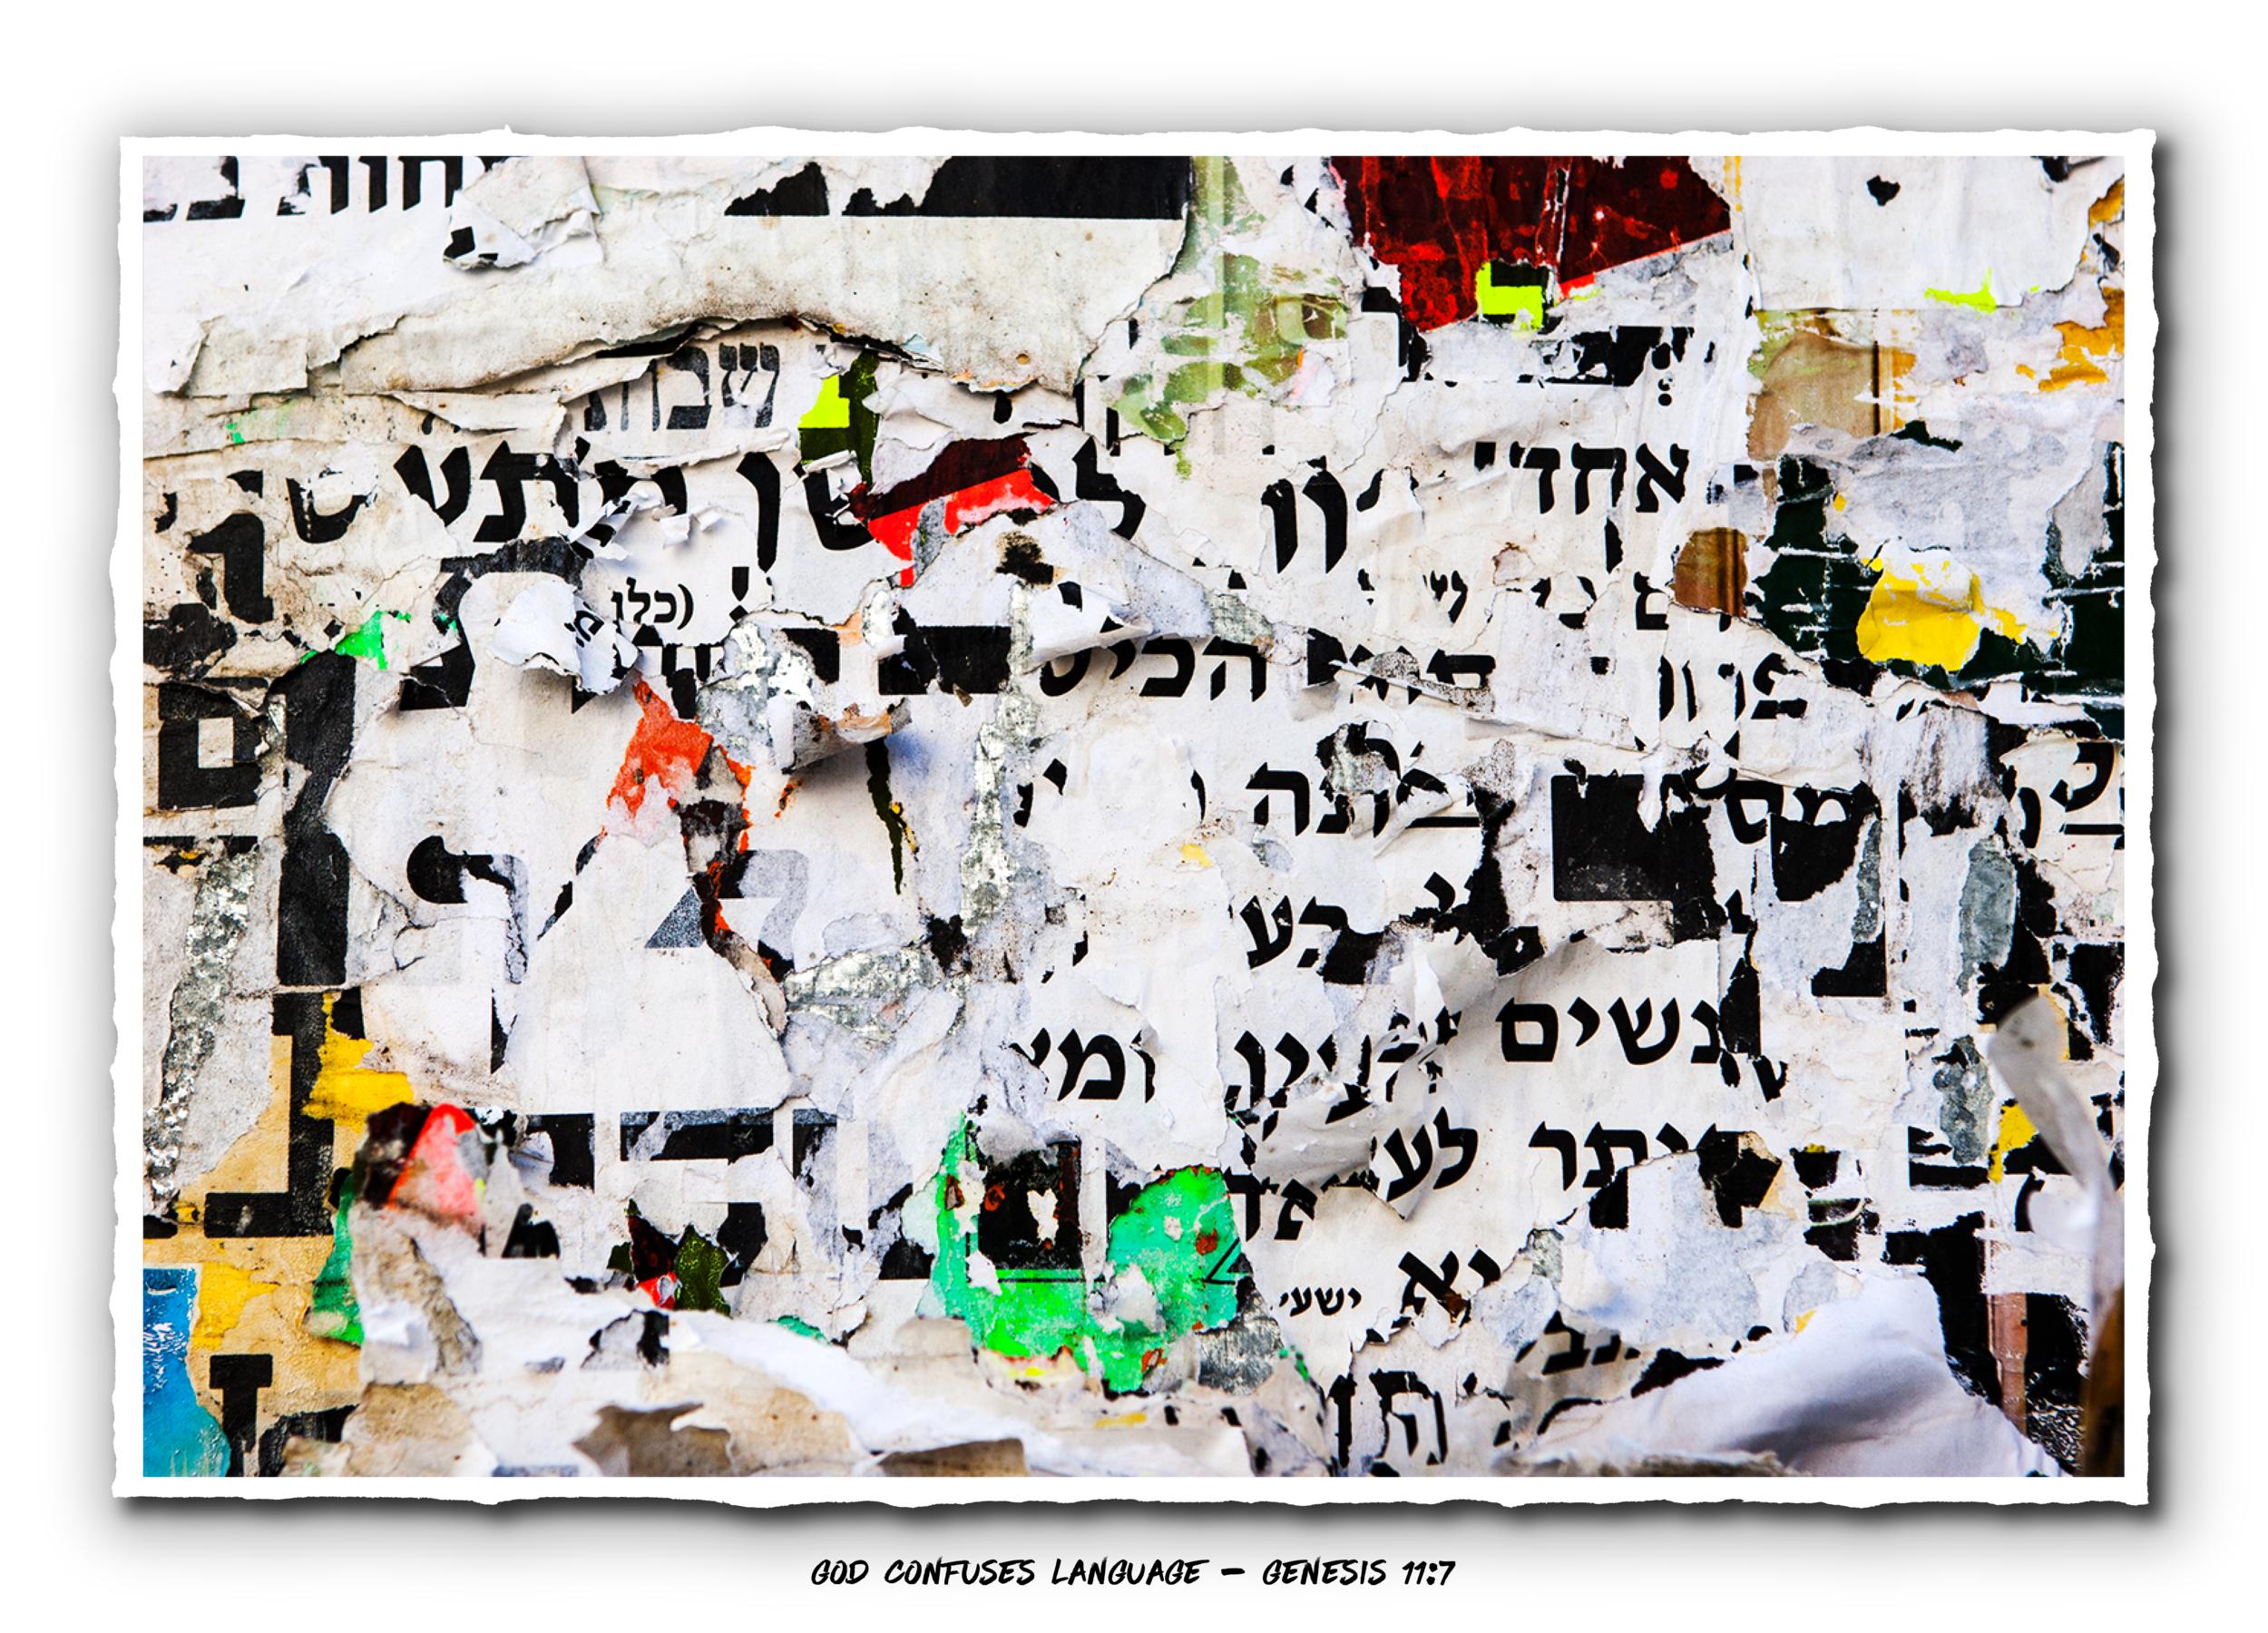 GOD CONFUSES LANGUAGE-deckled-32.png